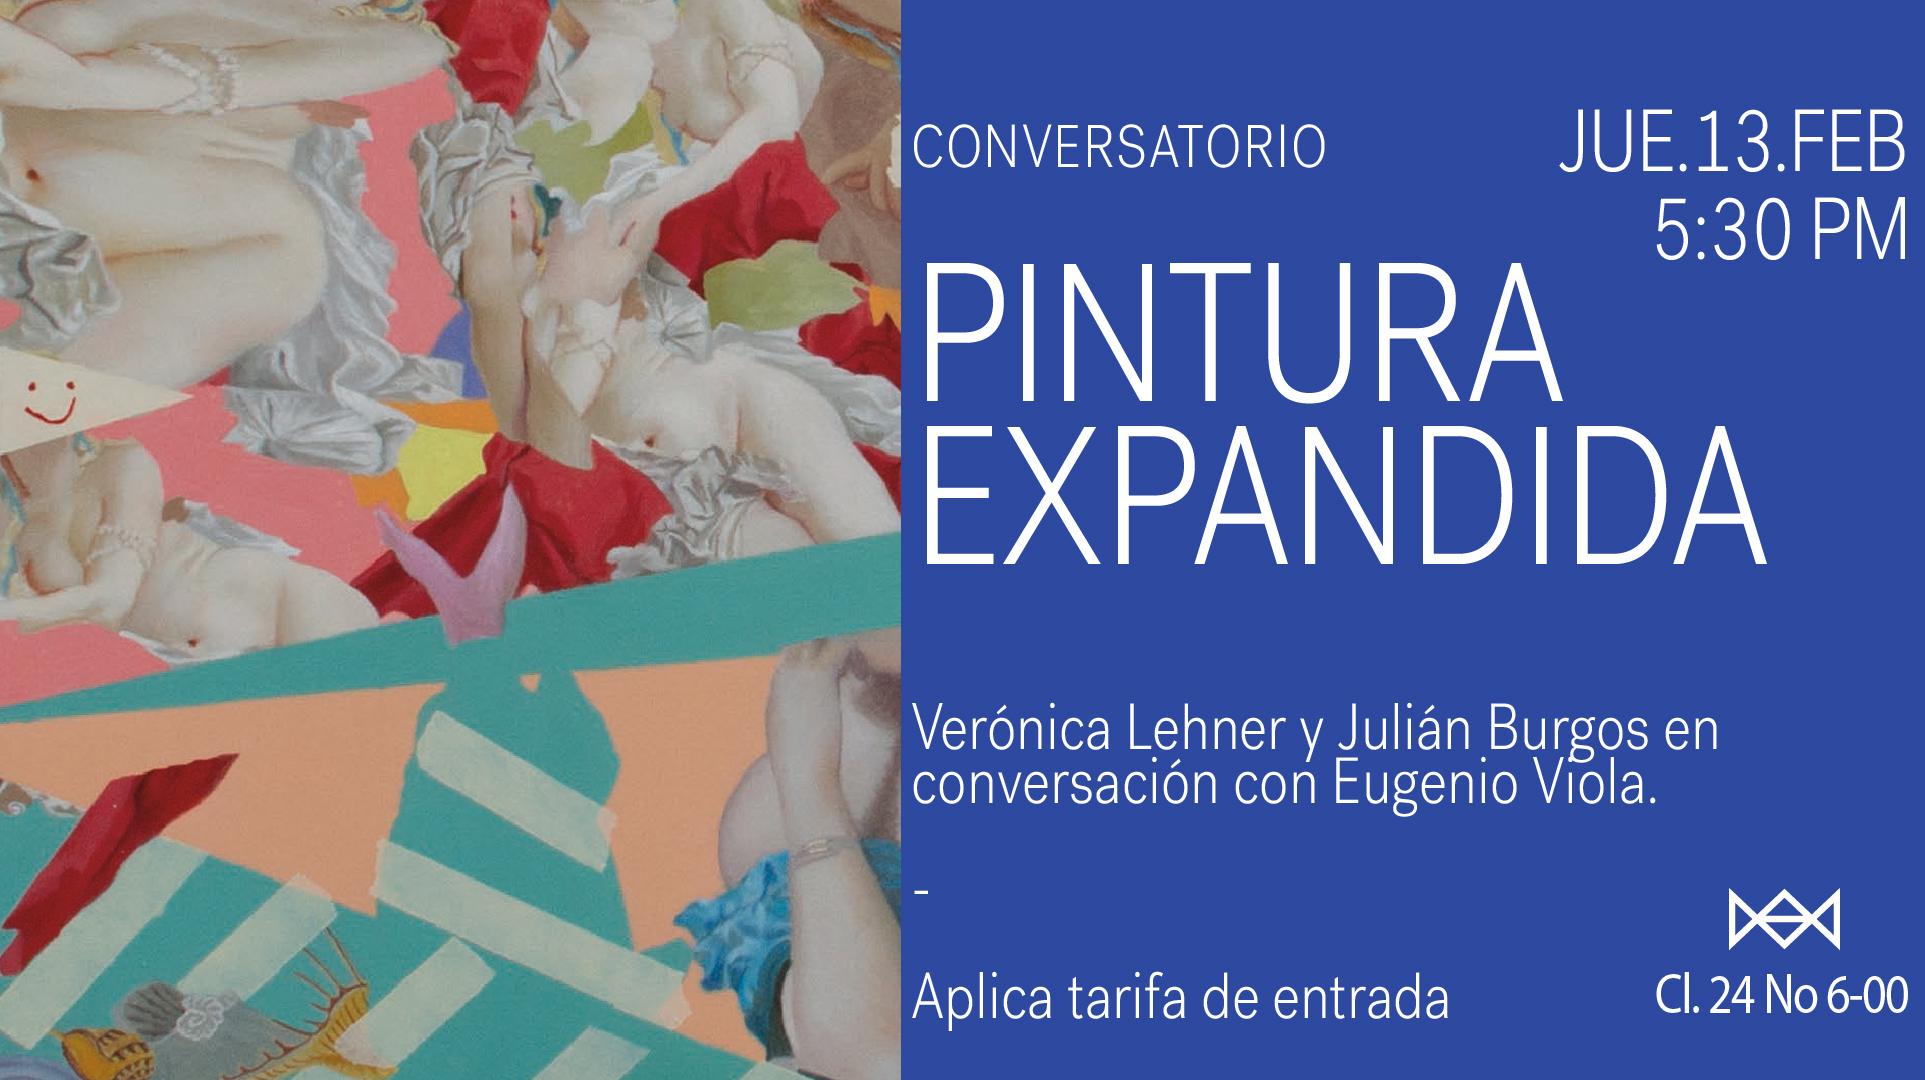 Verónica Lehner, Julián Burgos y Eugenio Viola.